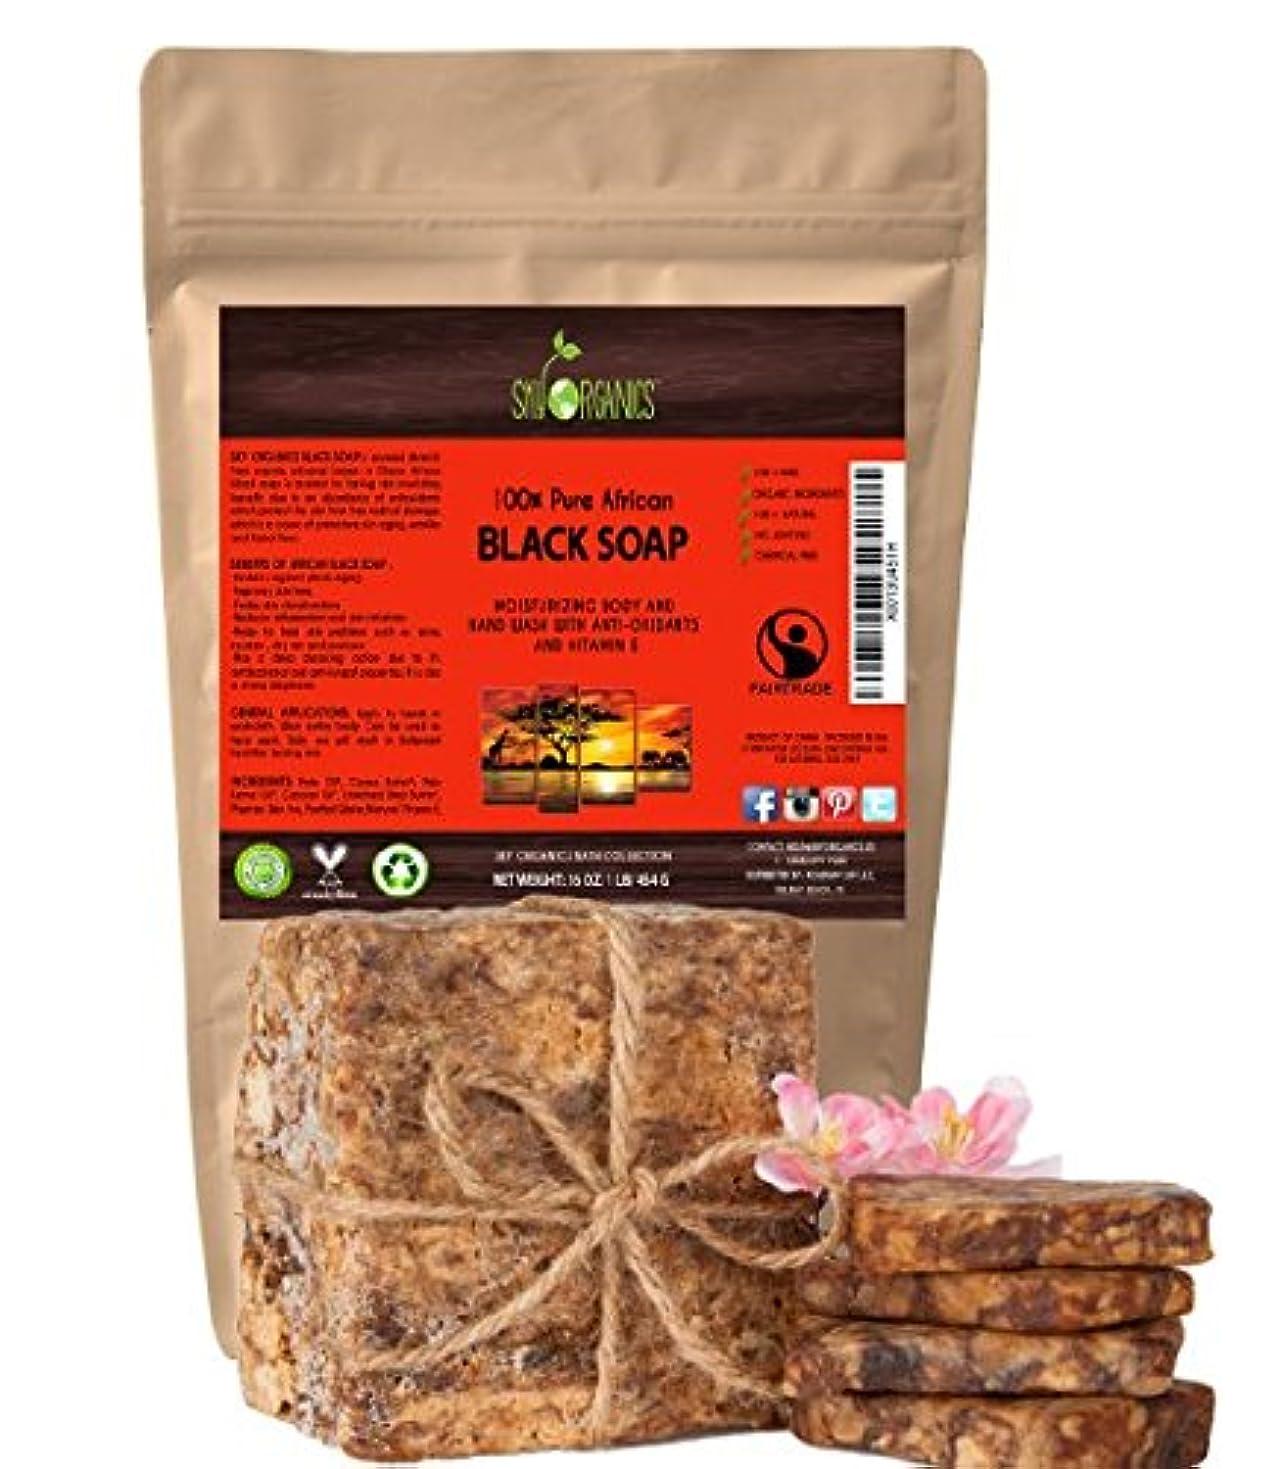 赤字インストール開拓者切って使う オーガニック アフリカン ブラックソープ (約4563gブロック)Organic African Black Soap (16oz block) - Raw Organic Soap Ideal for Acne...